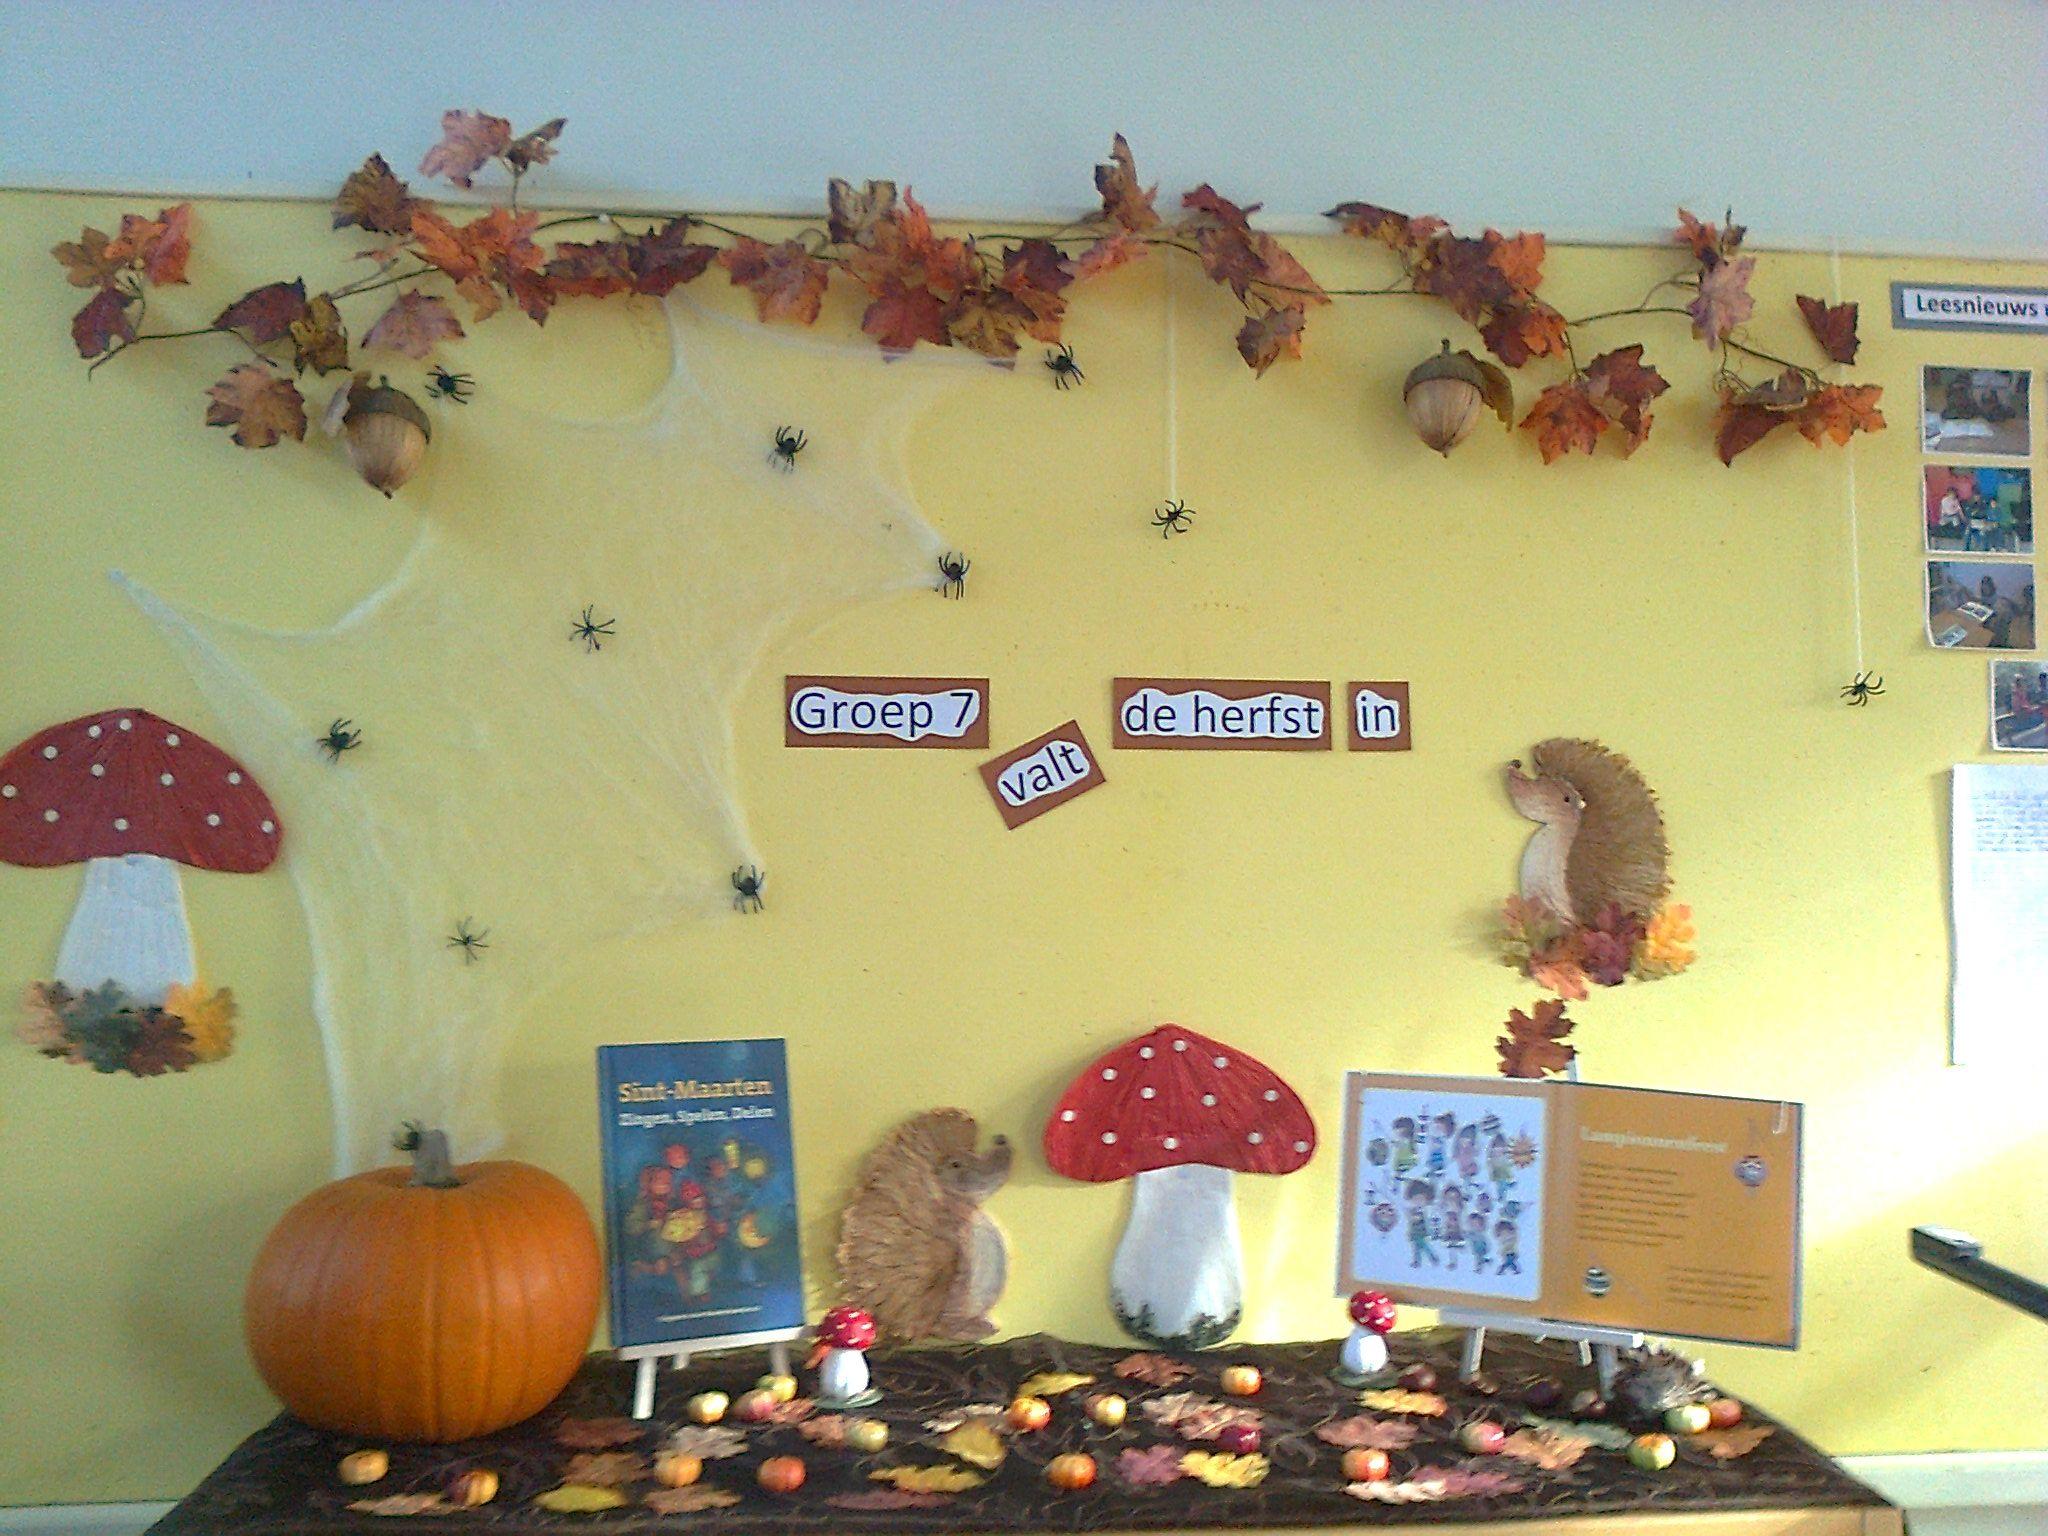 Quatang Gallery- Thema Aankleding Herfst Groep 7 Valt De Herfst In Herfst Halloween Herfst Thema